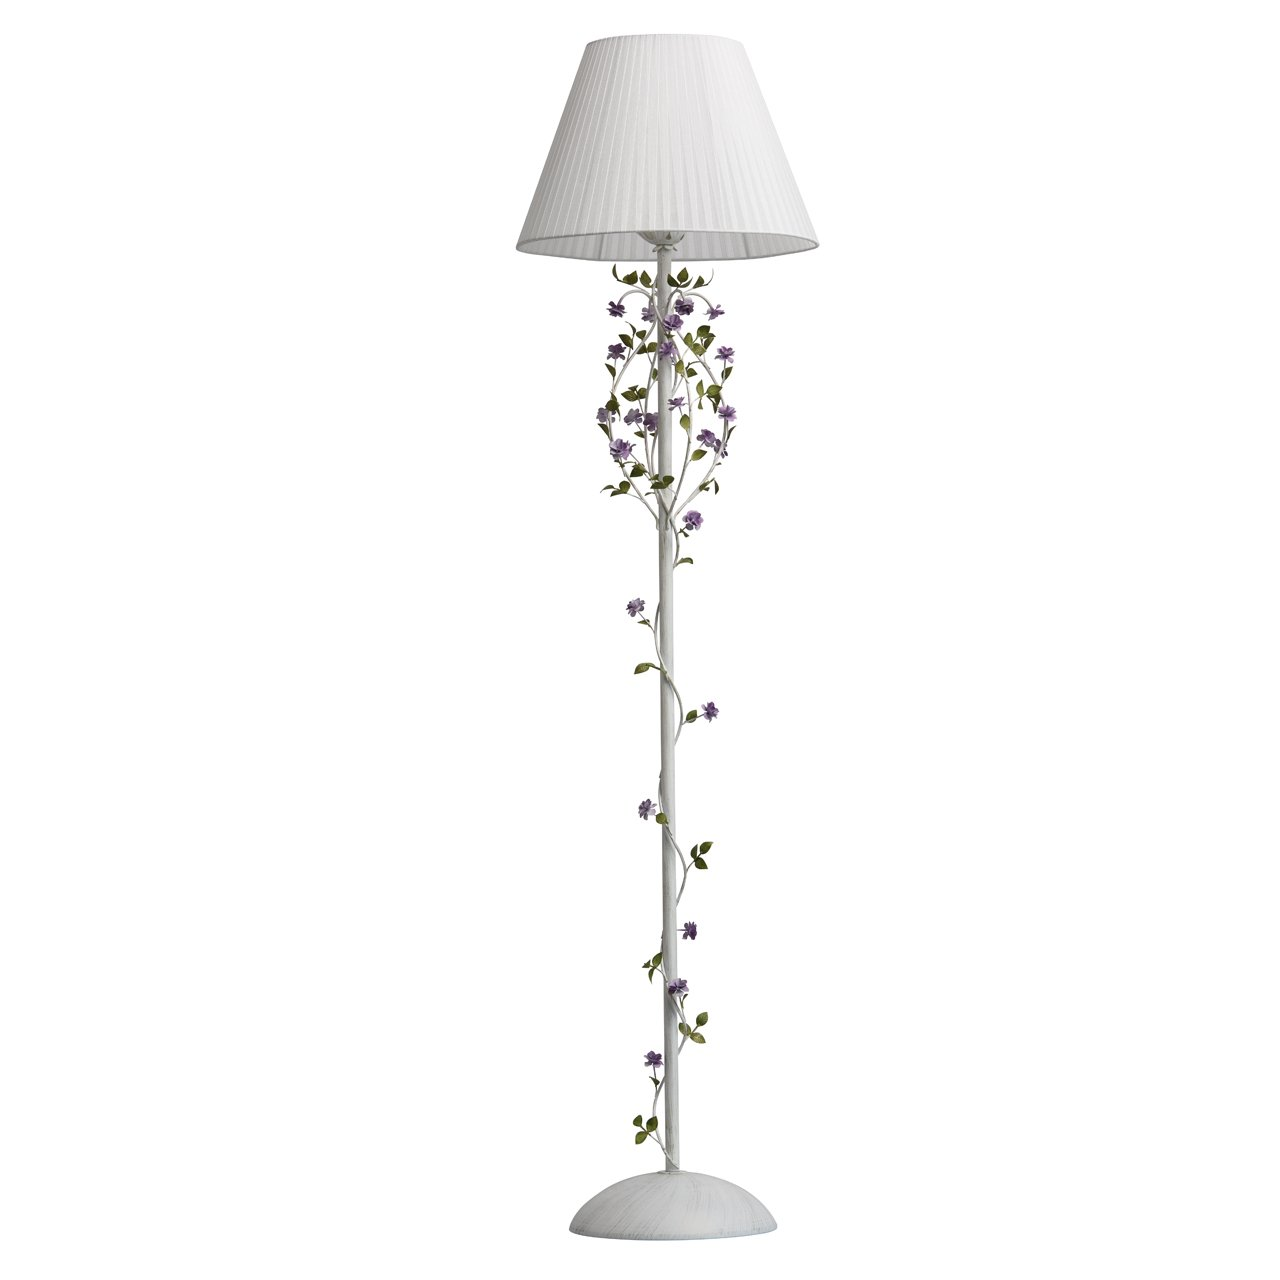 Florentiner eleganter Wandleuchte Kerzen 2 - armig weißes grünes und lila Metall Arabesken grelles Licht blümenformig für Schlafzimmer Wohnzimmer Halle exkl.2 * 40W E14 [Energieklasse A] MW-Light